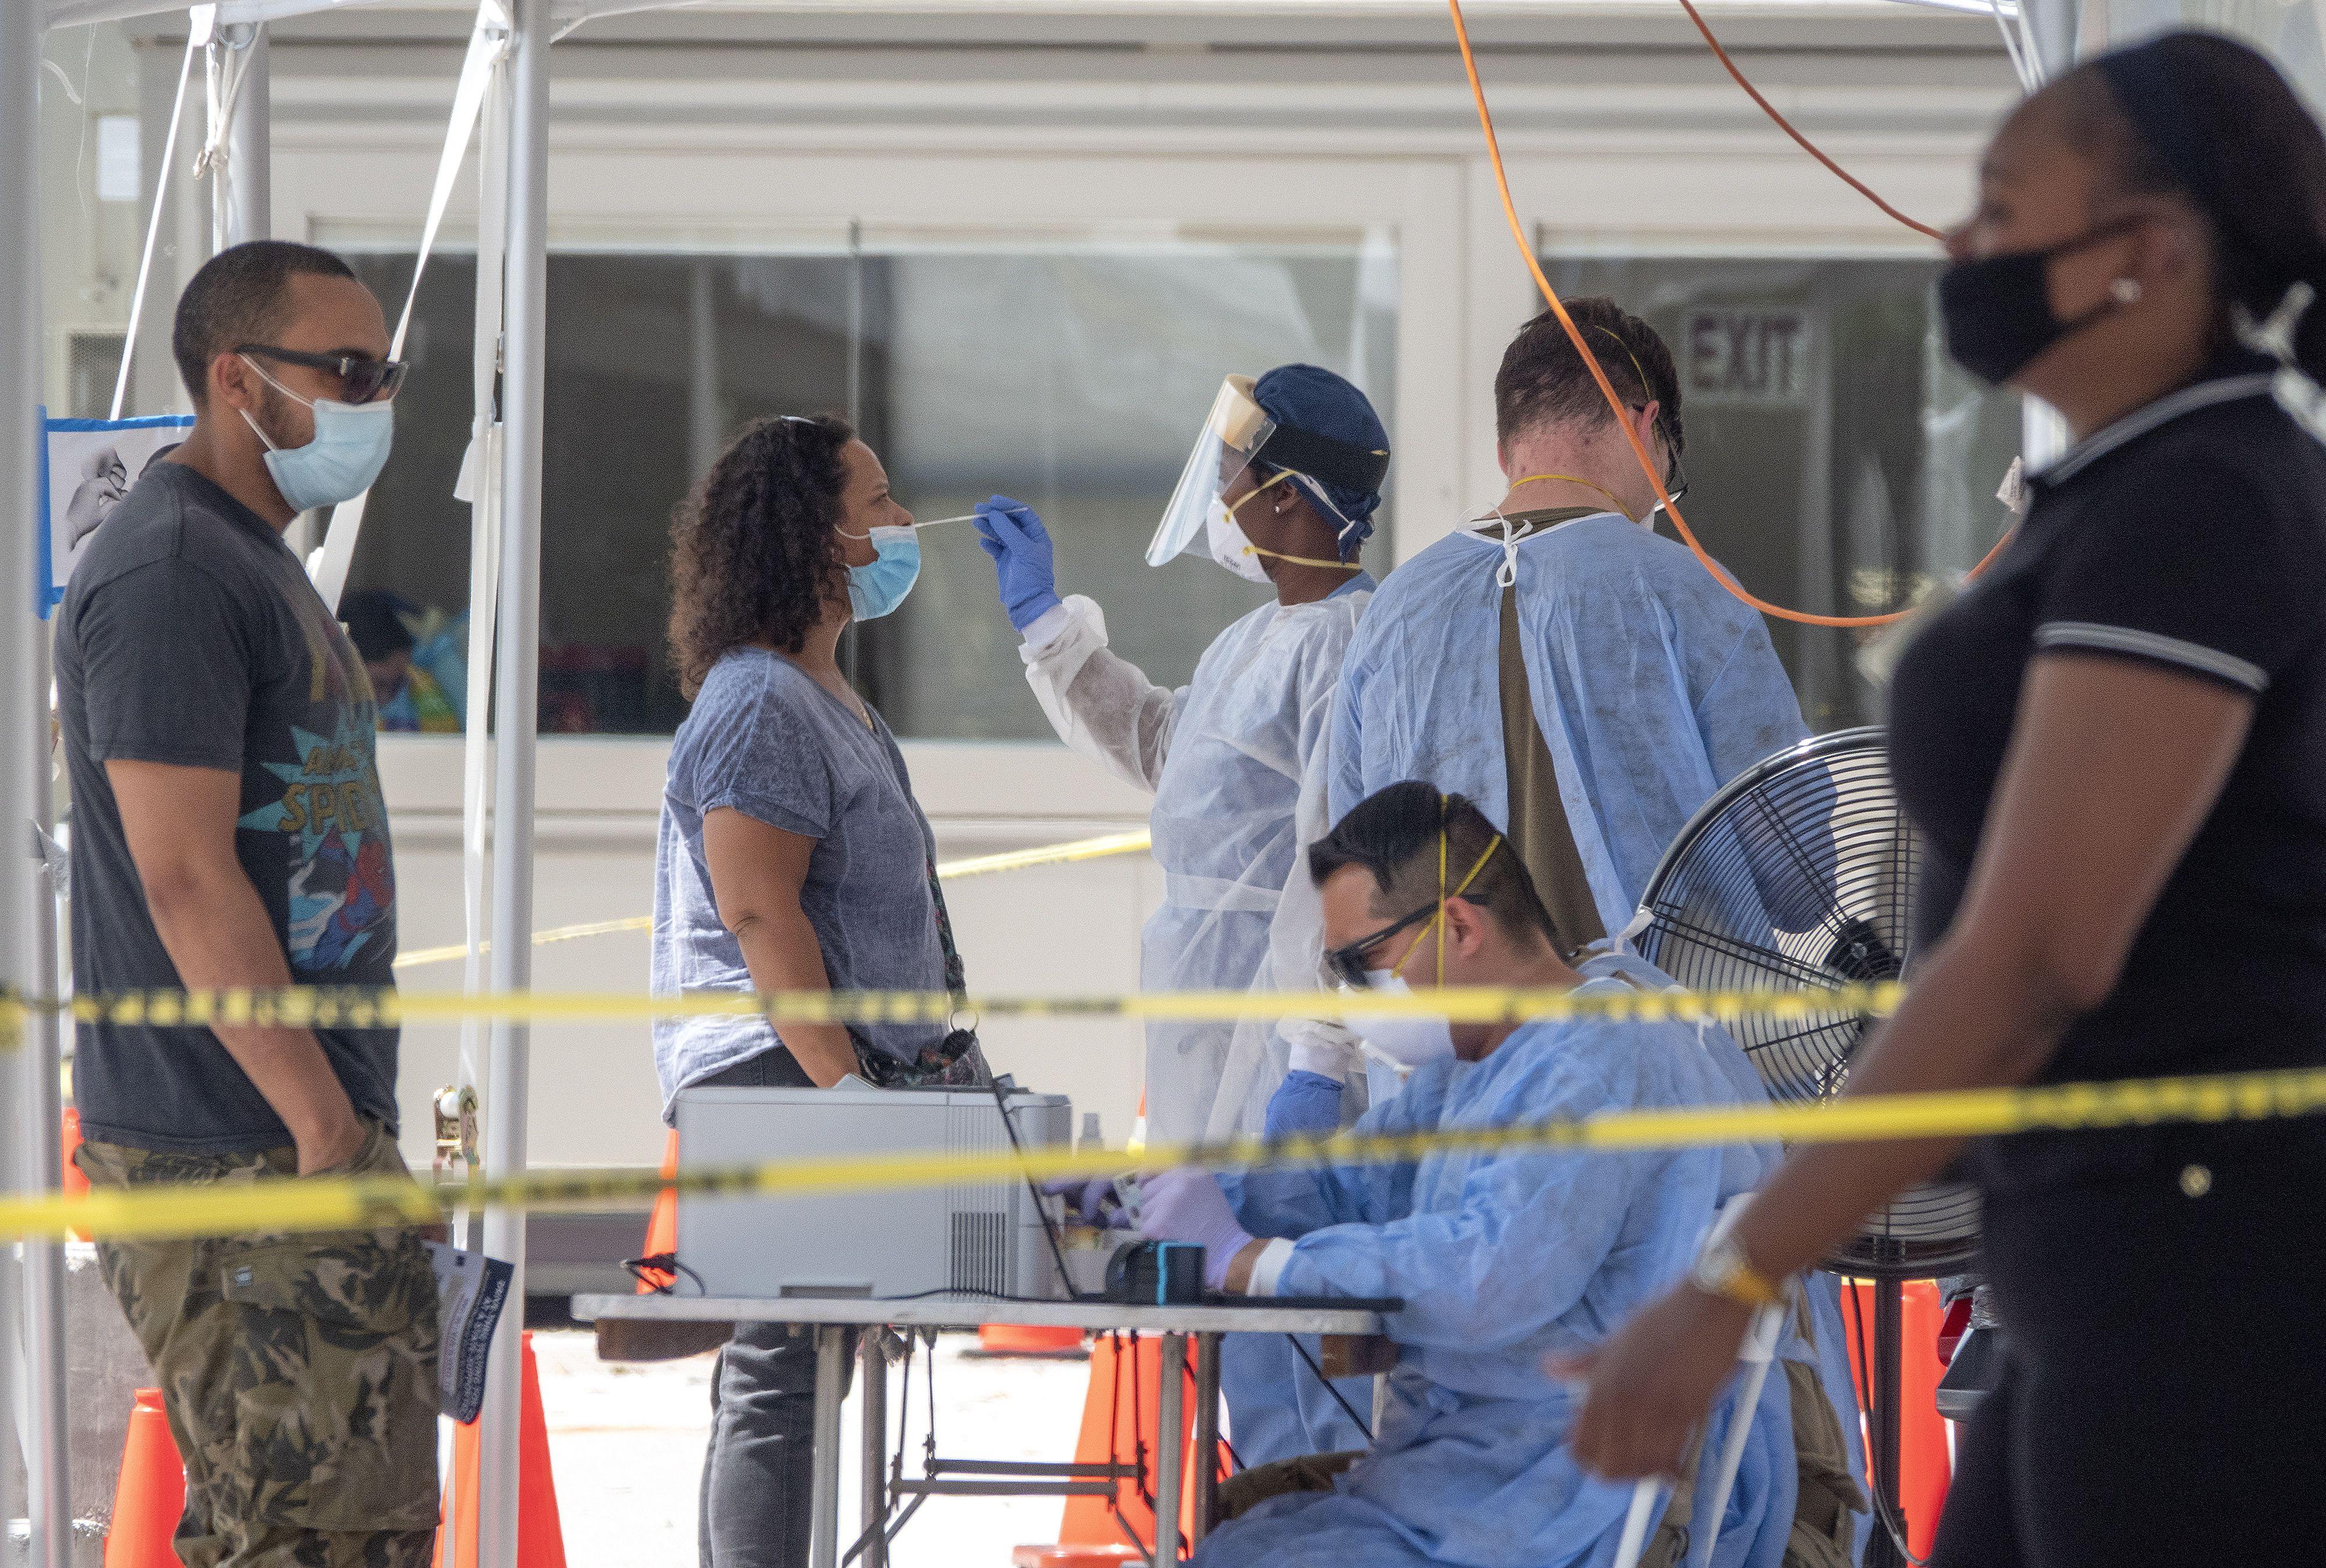 De acuerdo a las últimas cifras distribuidas por el Departamento de Salud estatal, desde el 1 de marzo Florida suma un total de 1.600.000 casos y 25 mil muertes por la enfermedad, incluidos los no residentes. EFE/Cristóbal Herrera/Archivo